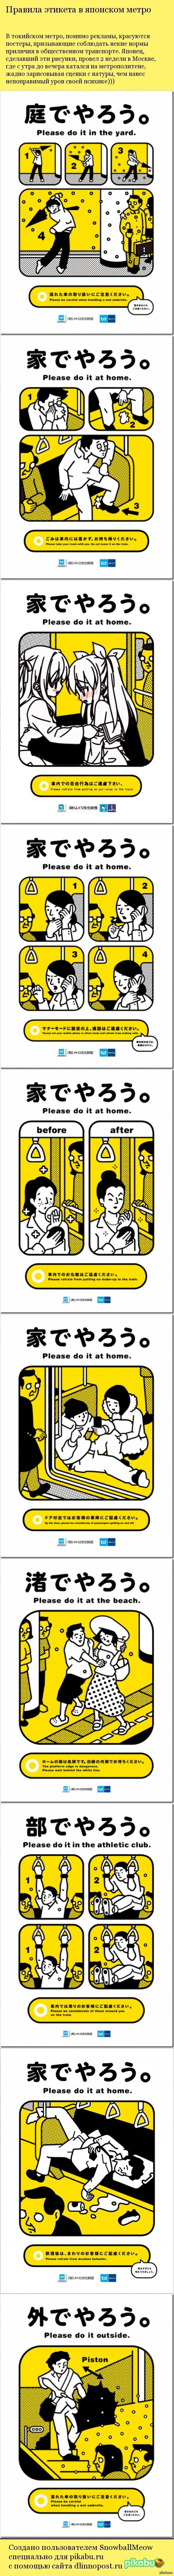 Правила этикета в японском метро.